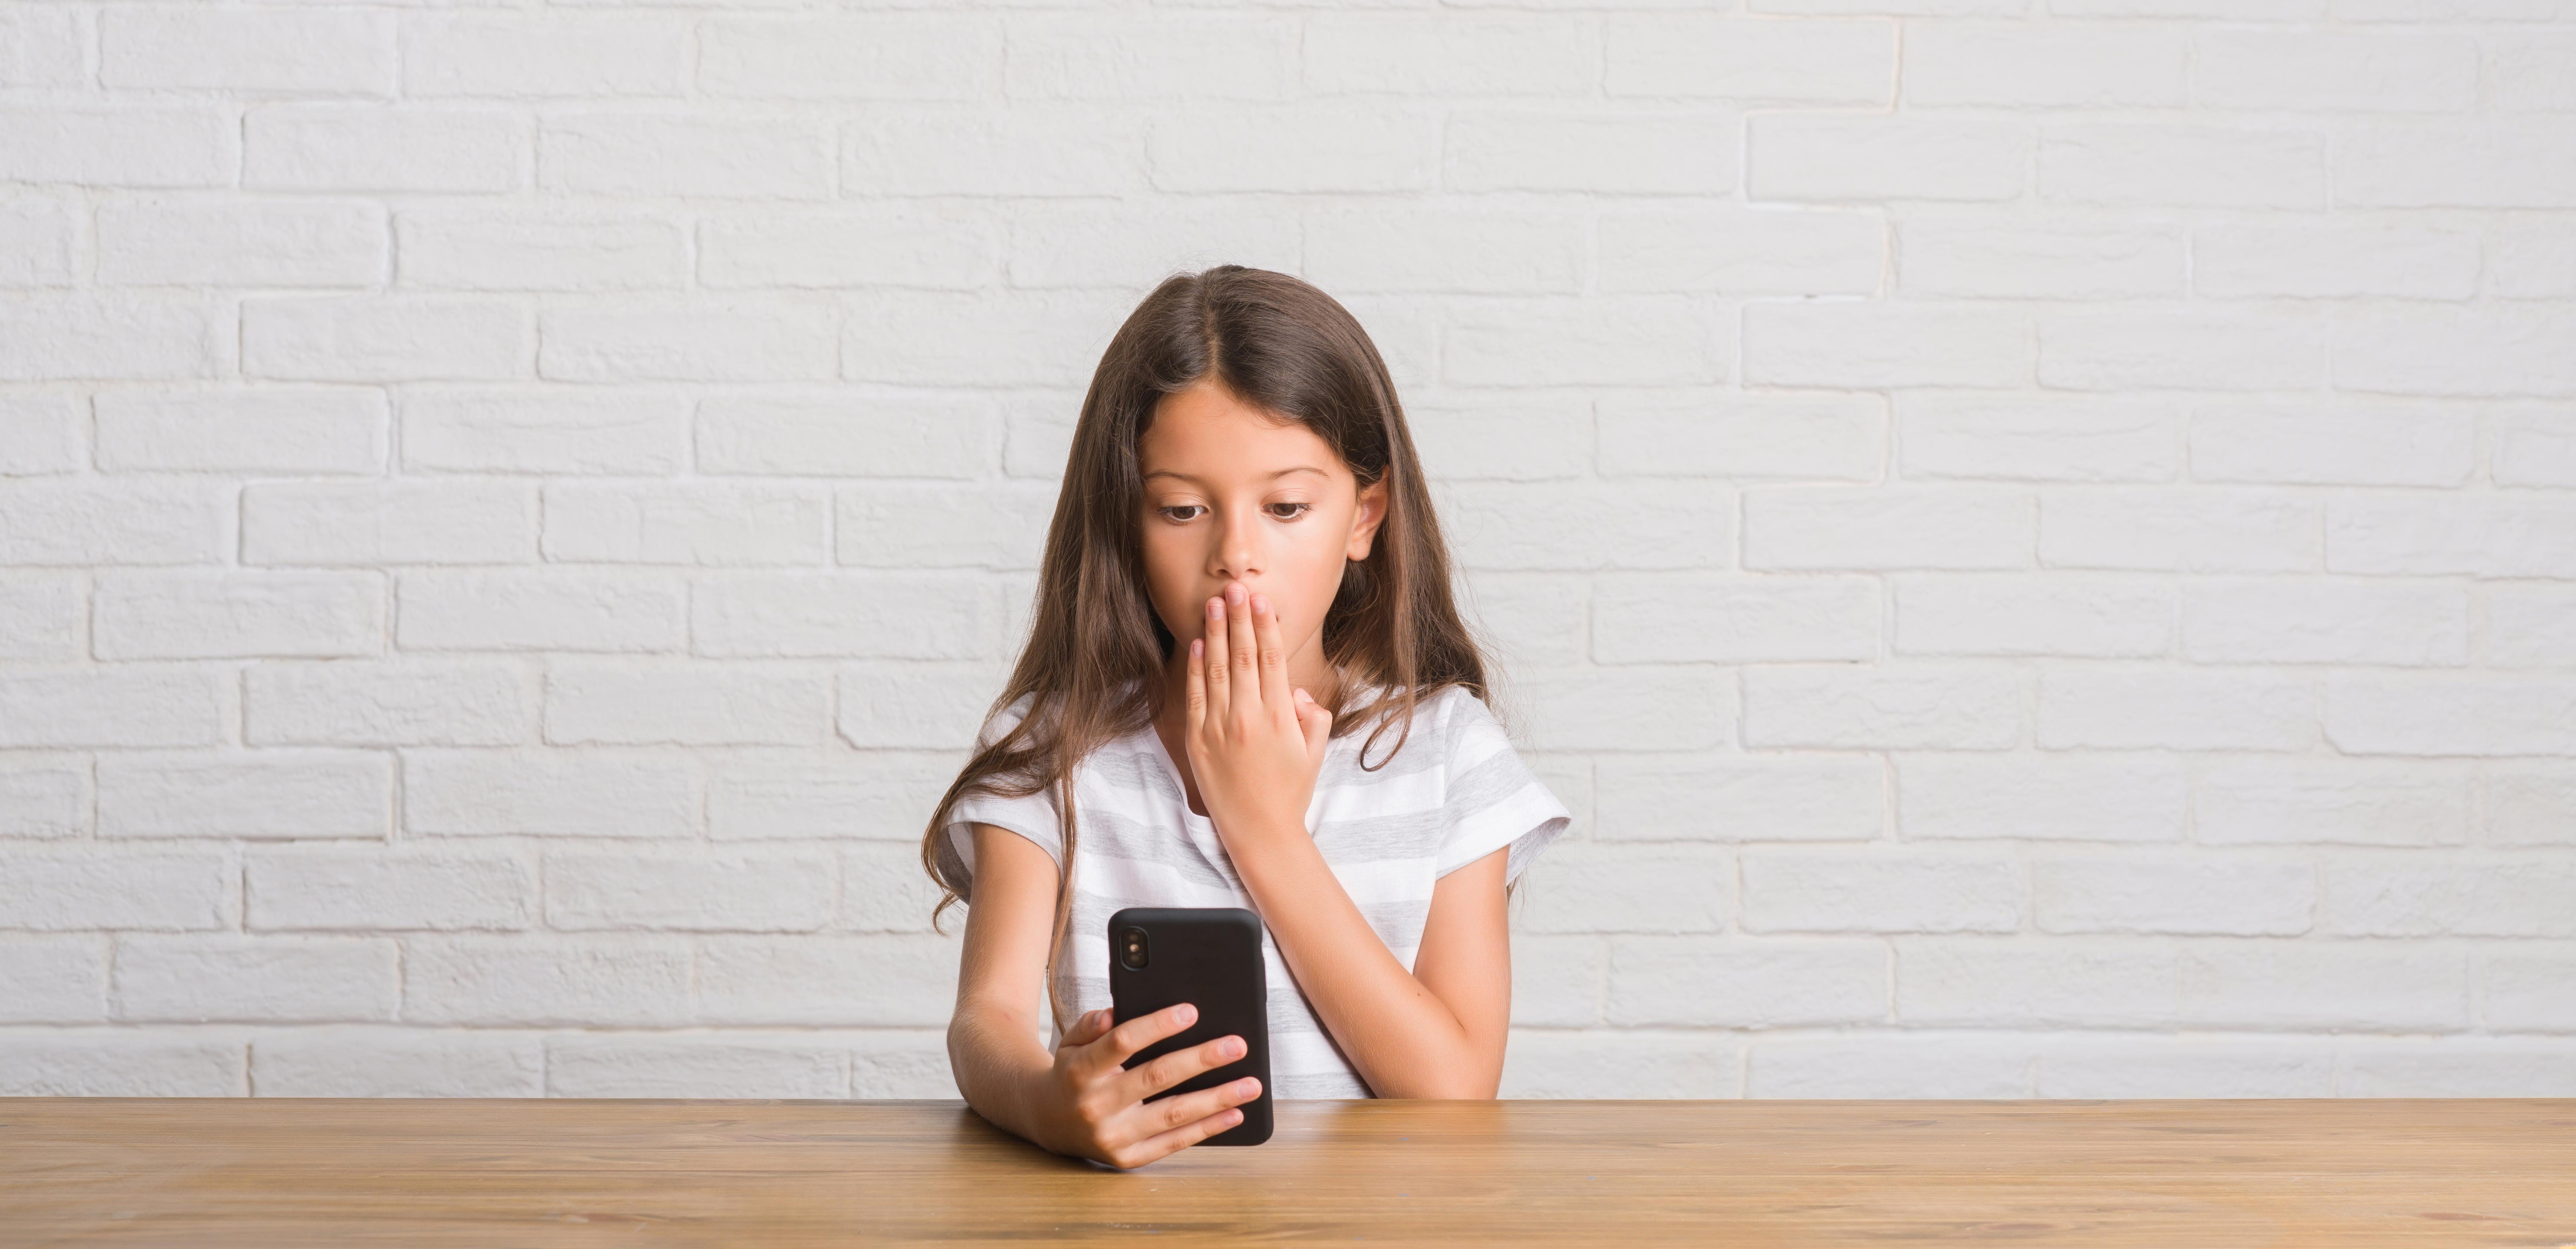 Porno, Sexting und Co.: Wie Kinder aufklären?